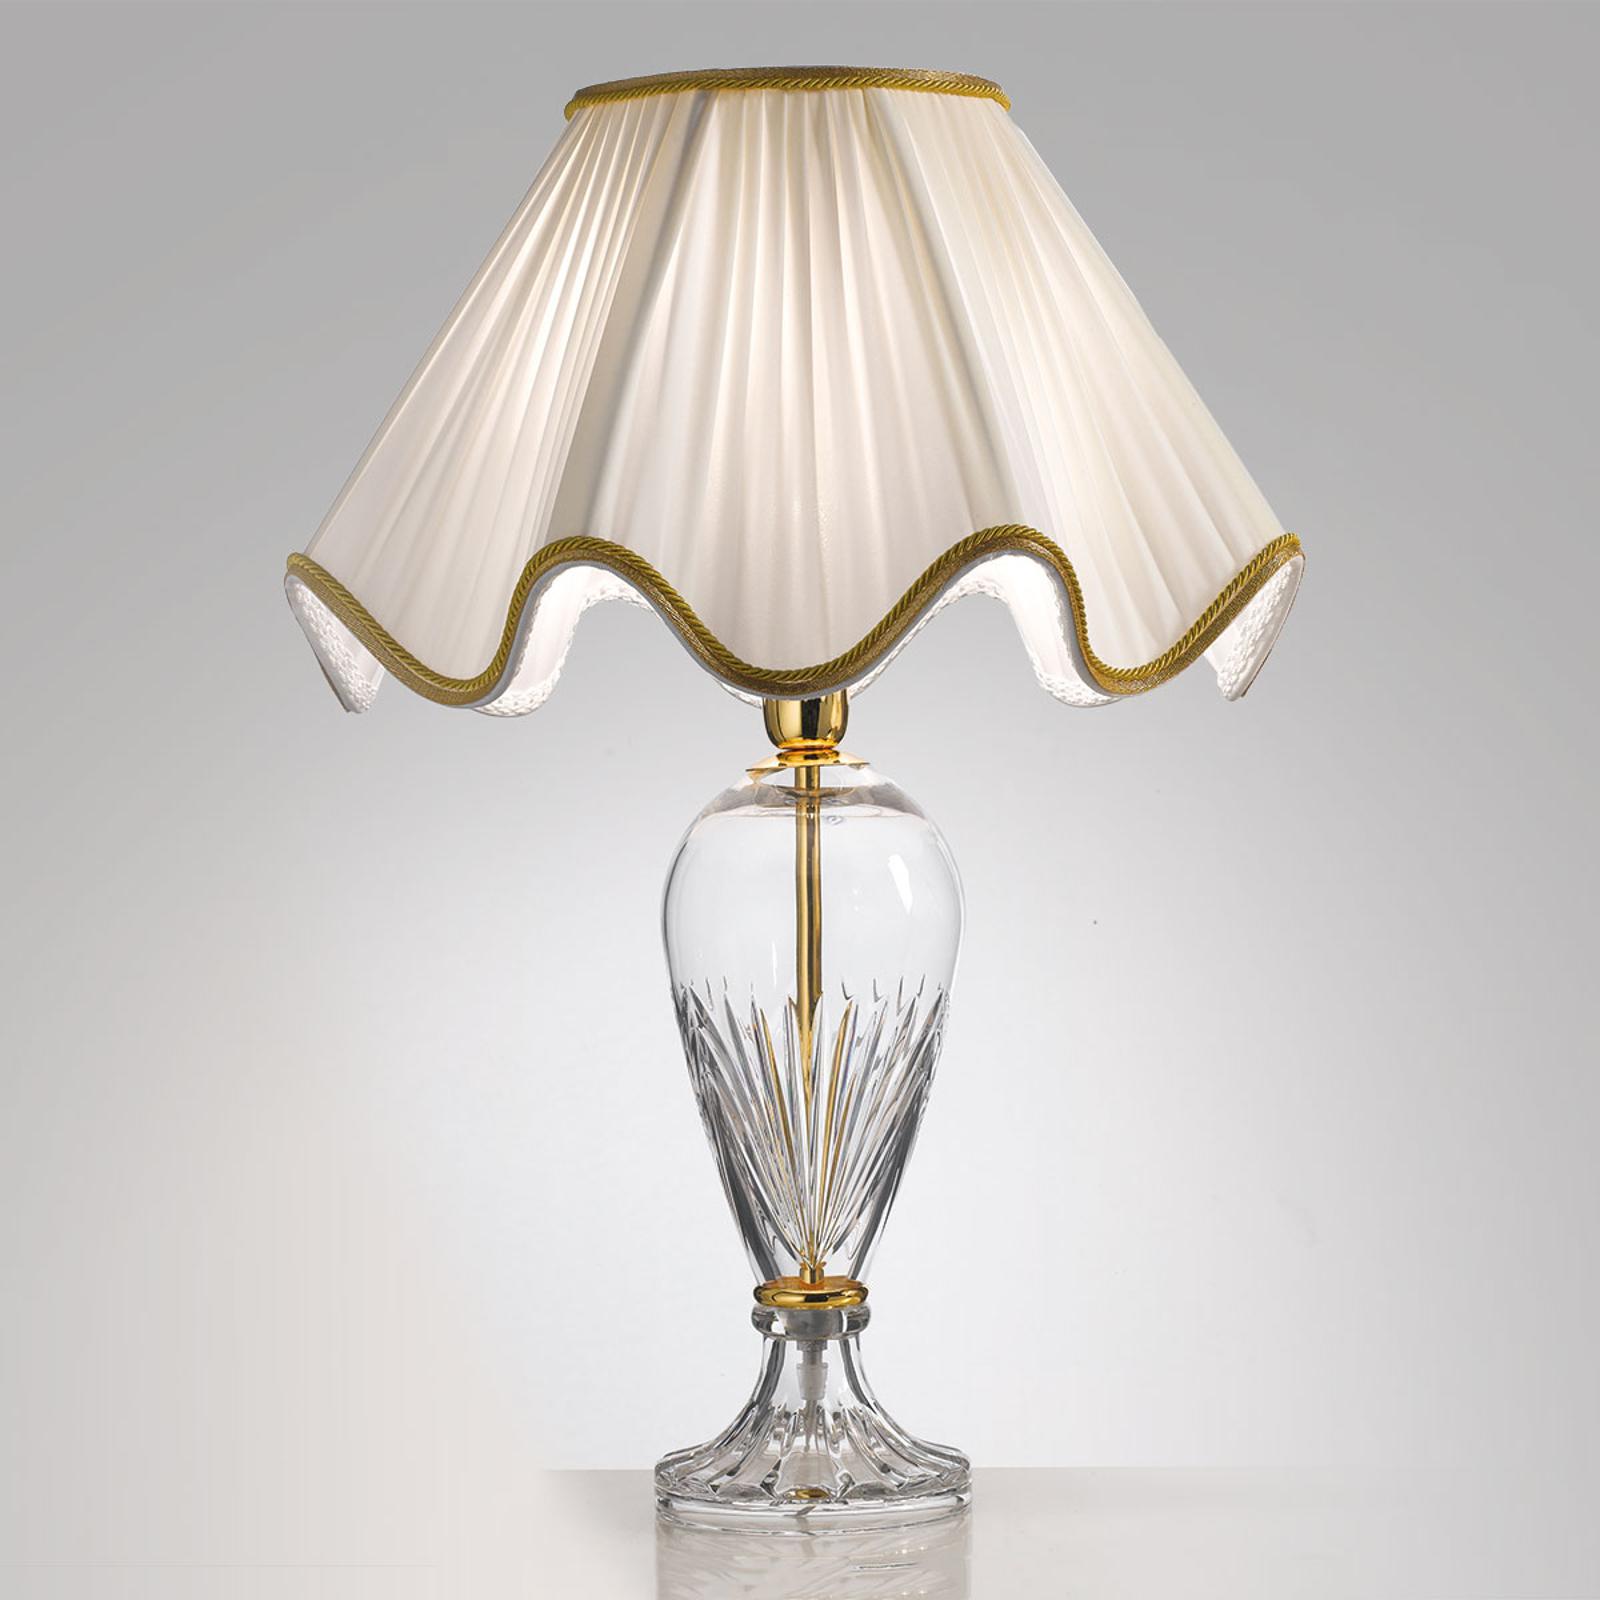 Vakker Belle Epoque bordlampe på 67 cm